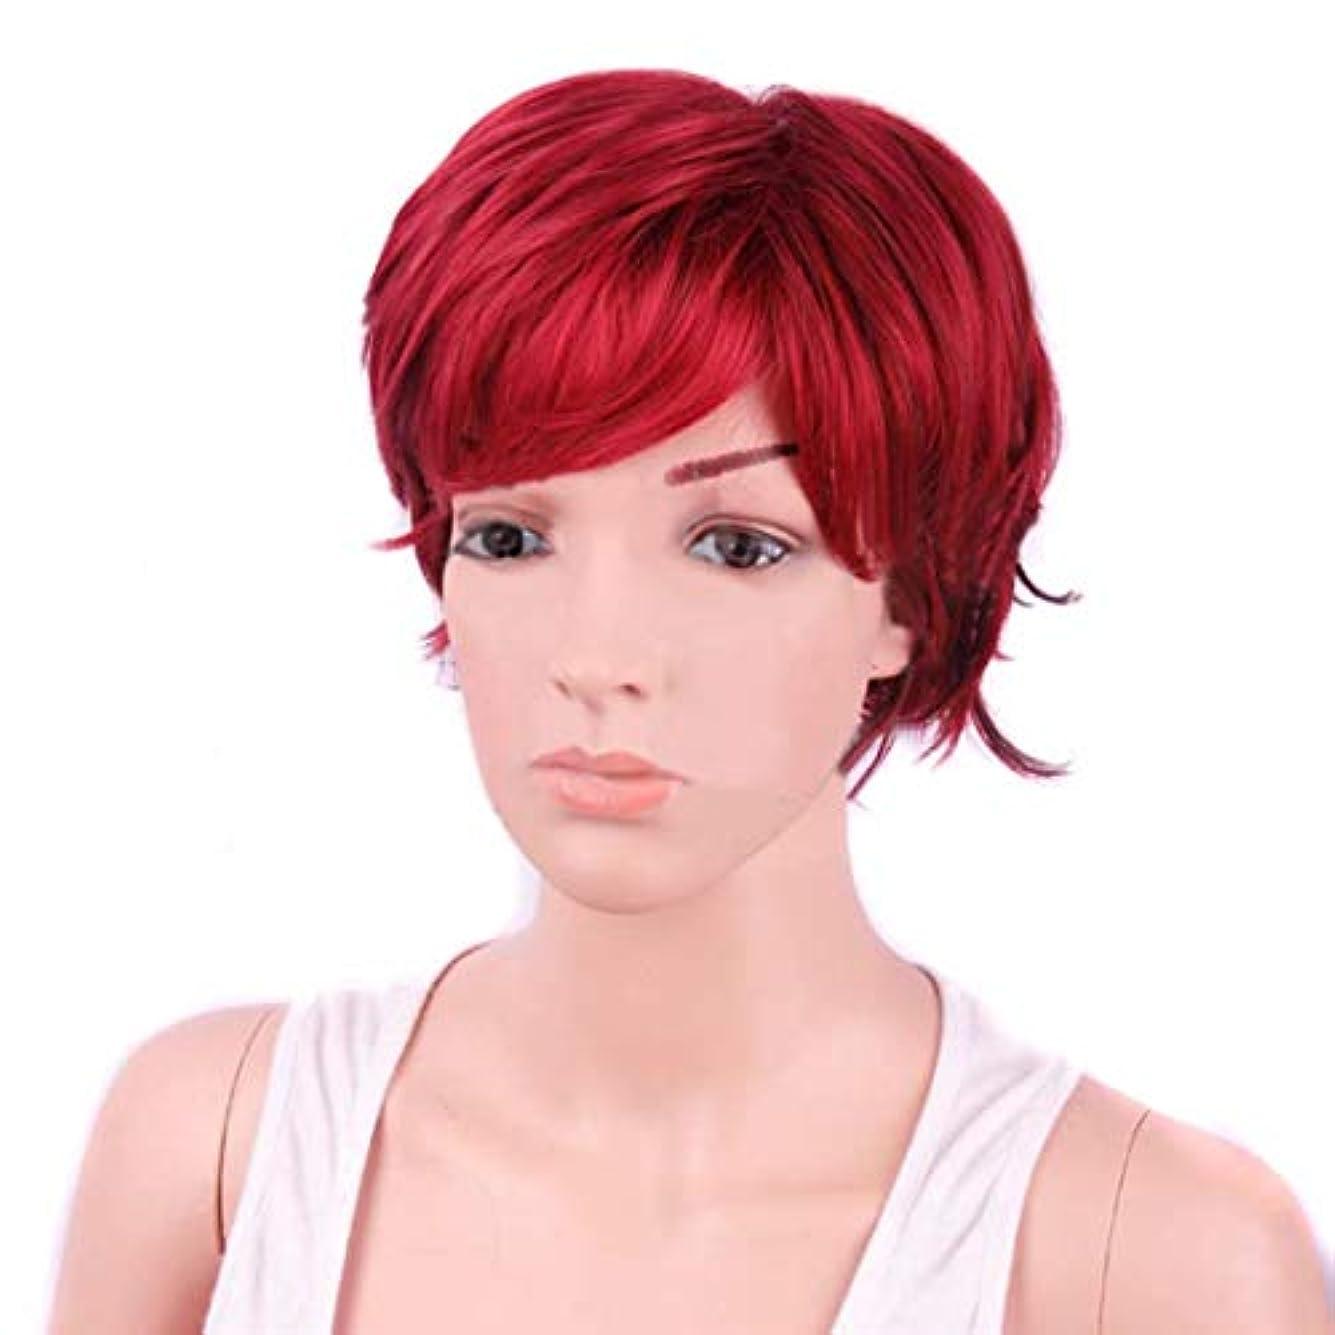 メイト抑制する到着するYOUQIU 女性の耐熱ウィッグ12インチ/部分斜め前髪ウィッグウィッグで9inchショートテクスチャ部分かつらのためにボボかつら (色 : ワインレッド)